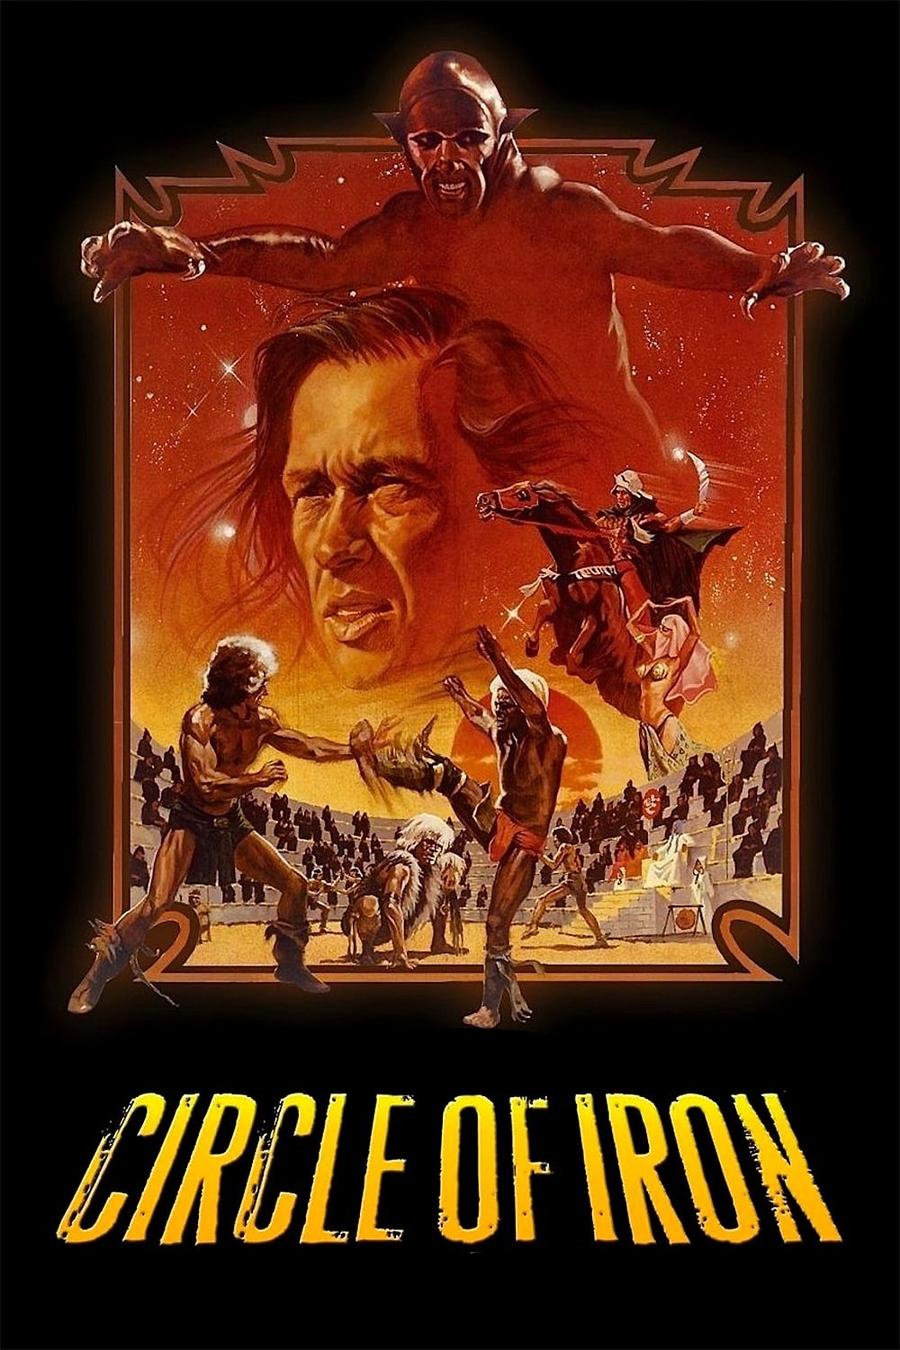 El círculo de hierro